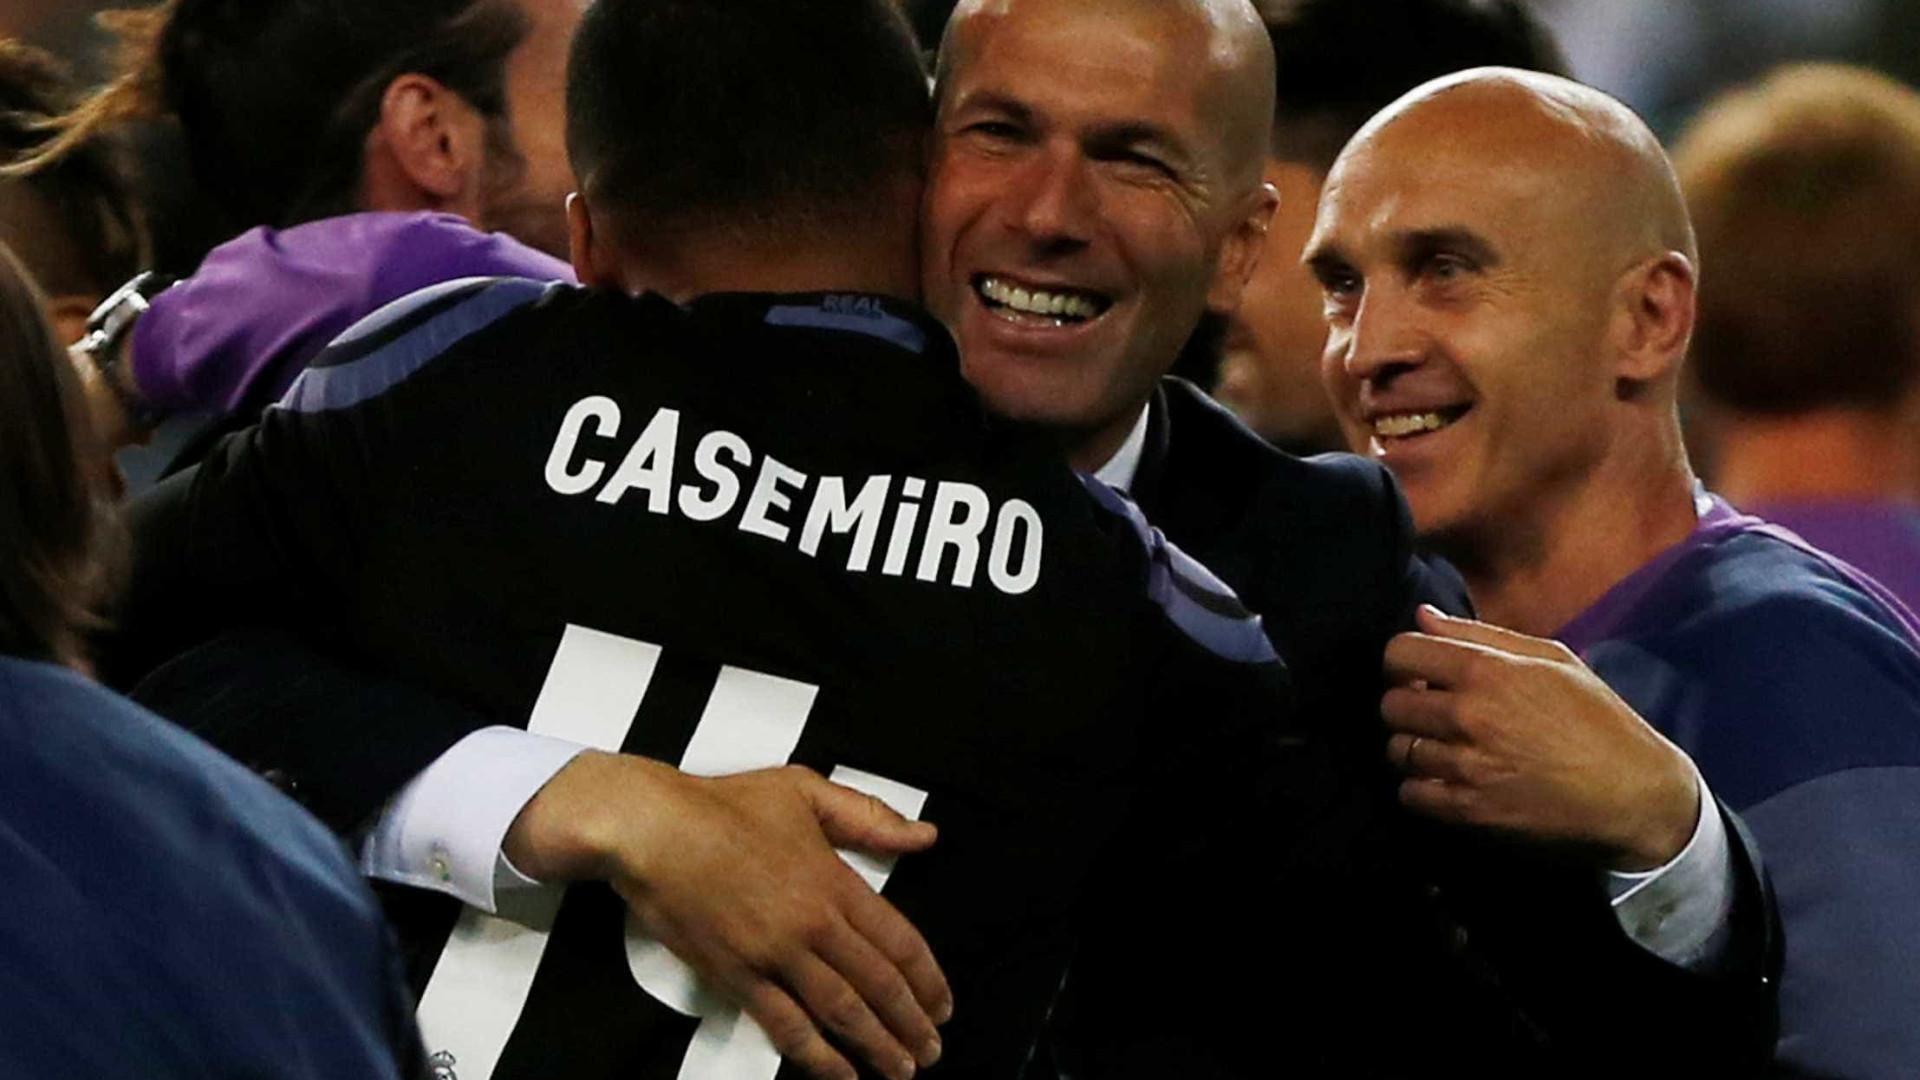 """Casemiro revela que tinha """"vergonha"""" de Zidane"""